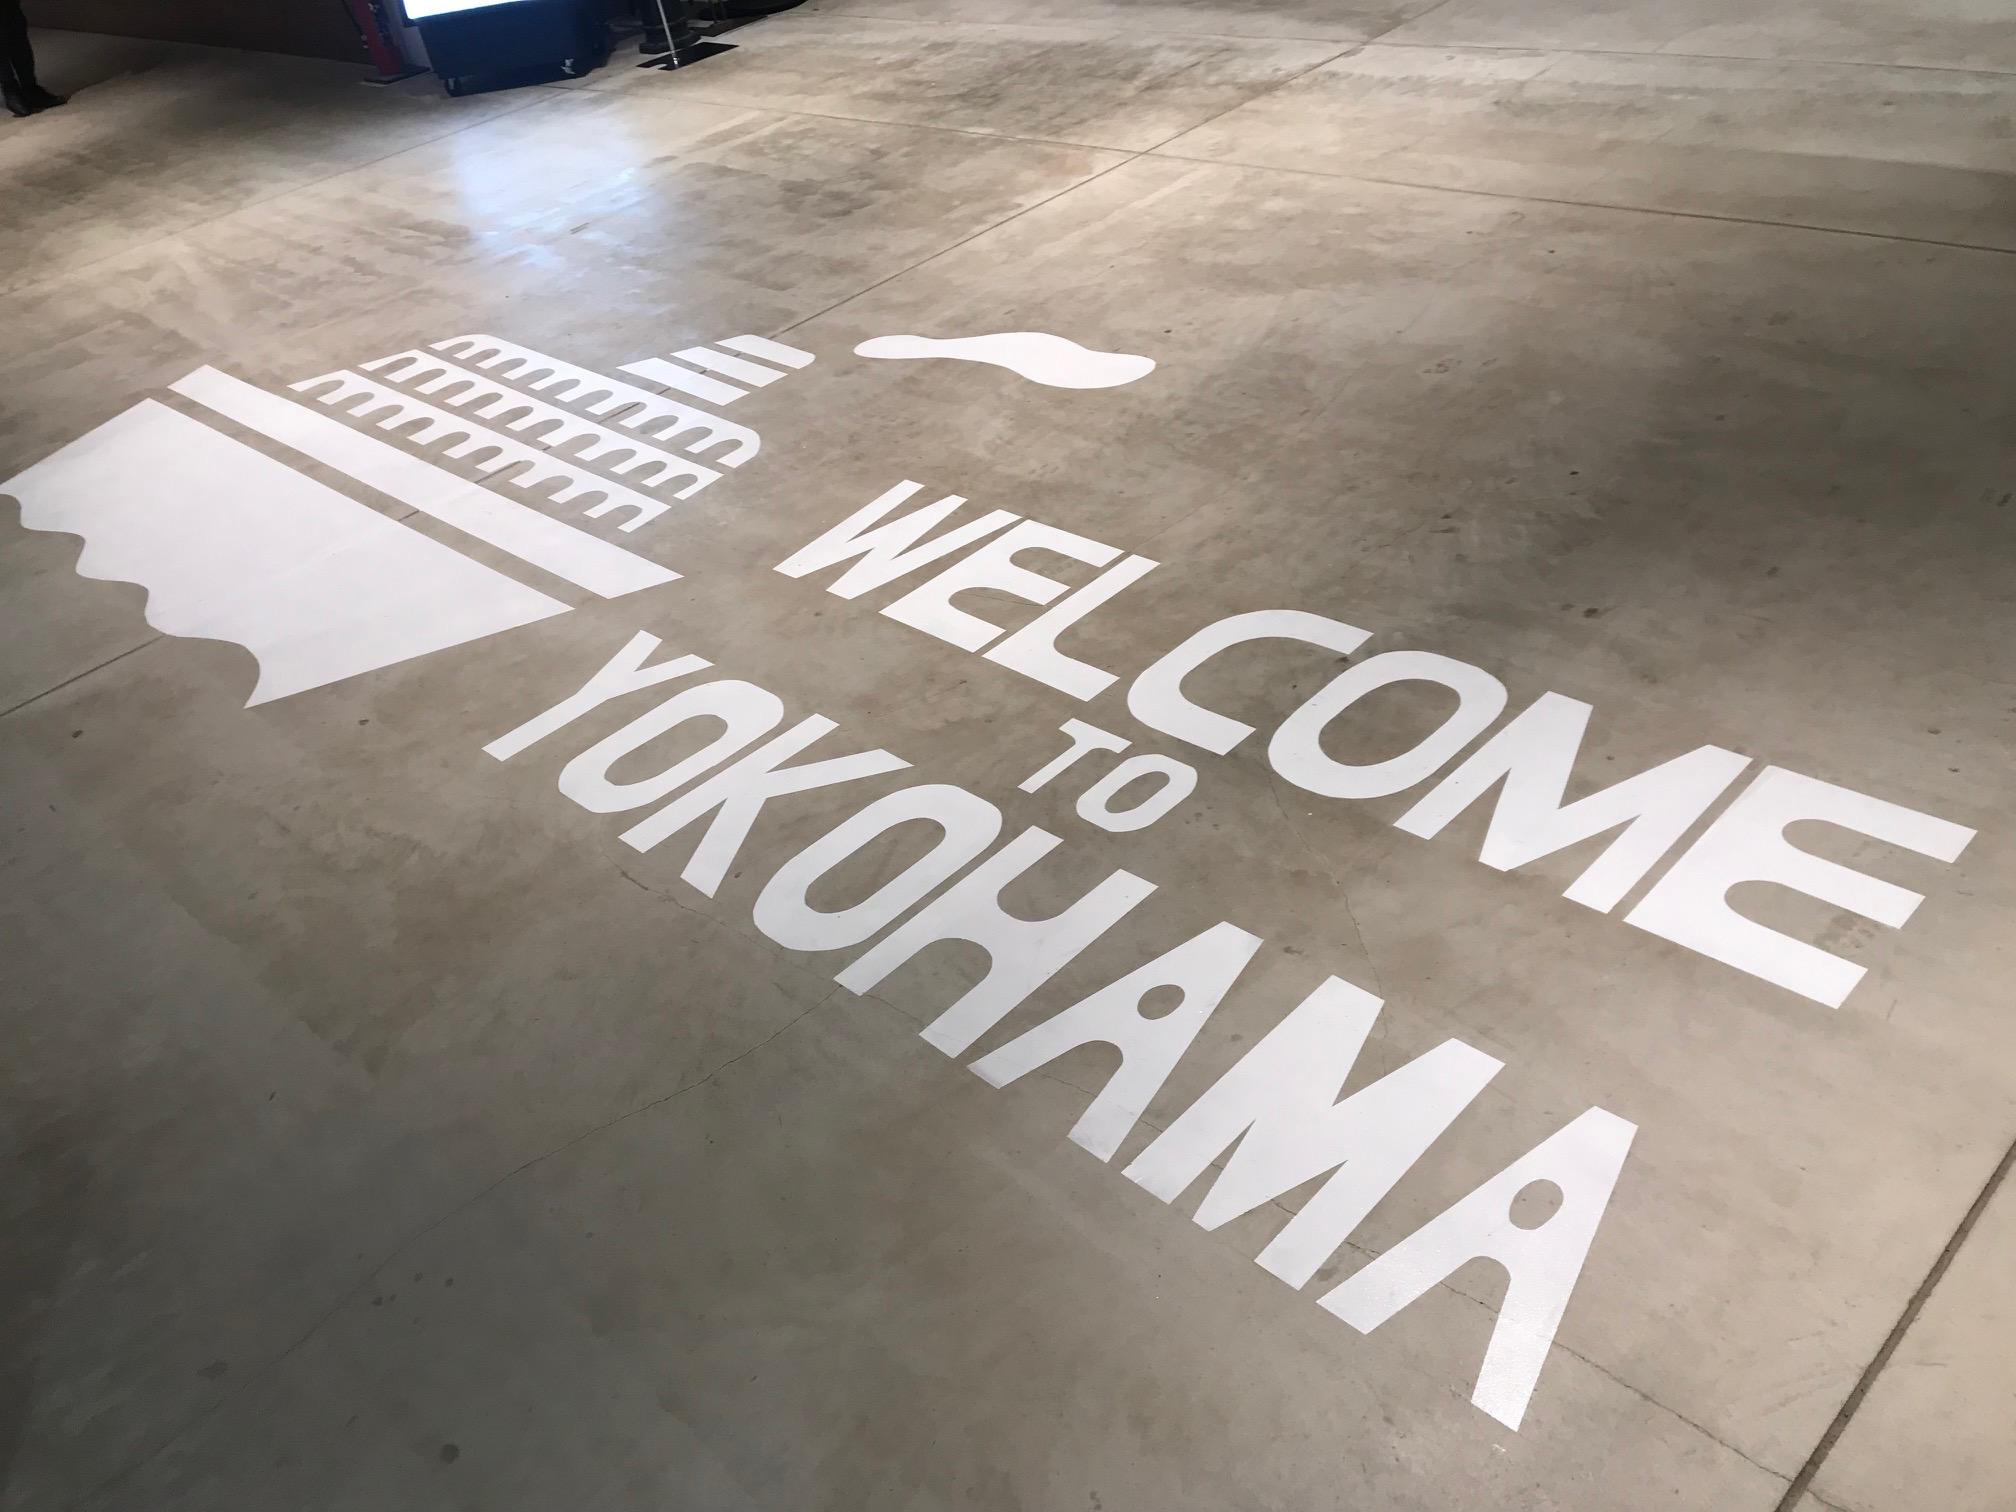 みなとみらい新スポット『横浜ハンマーヘッド』がオープン! おしゃれカフェ、お土産におすすめなグルメショップ5選 photoGallery_1_1